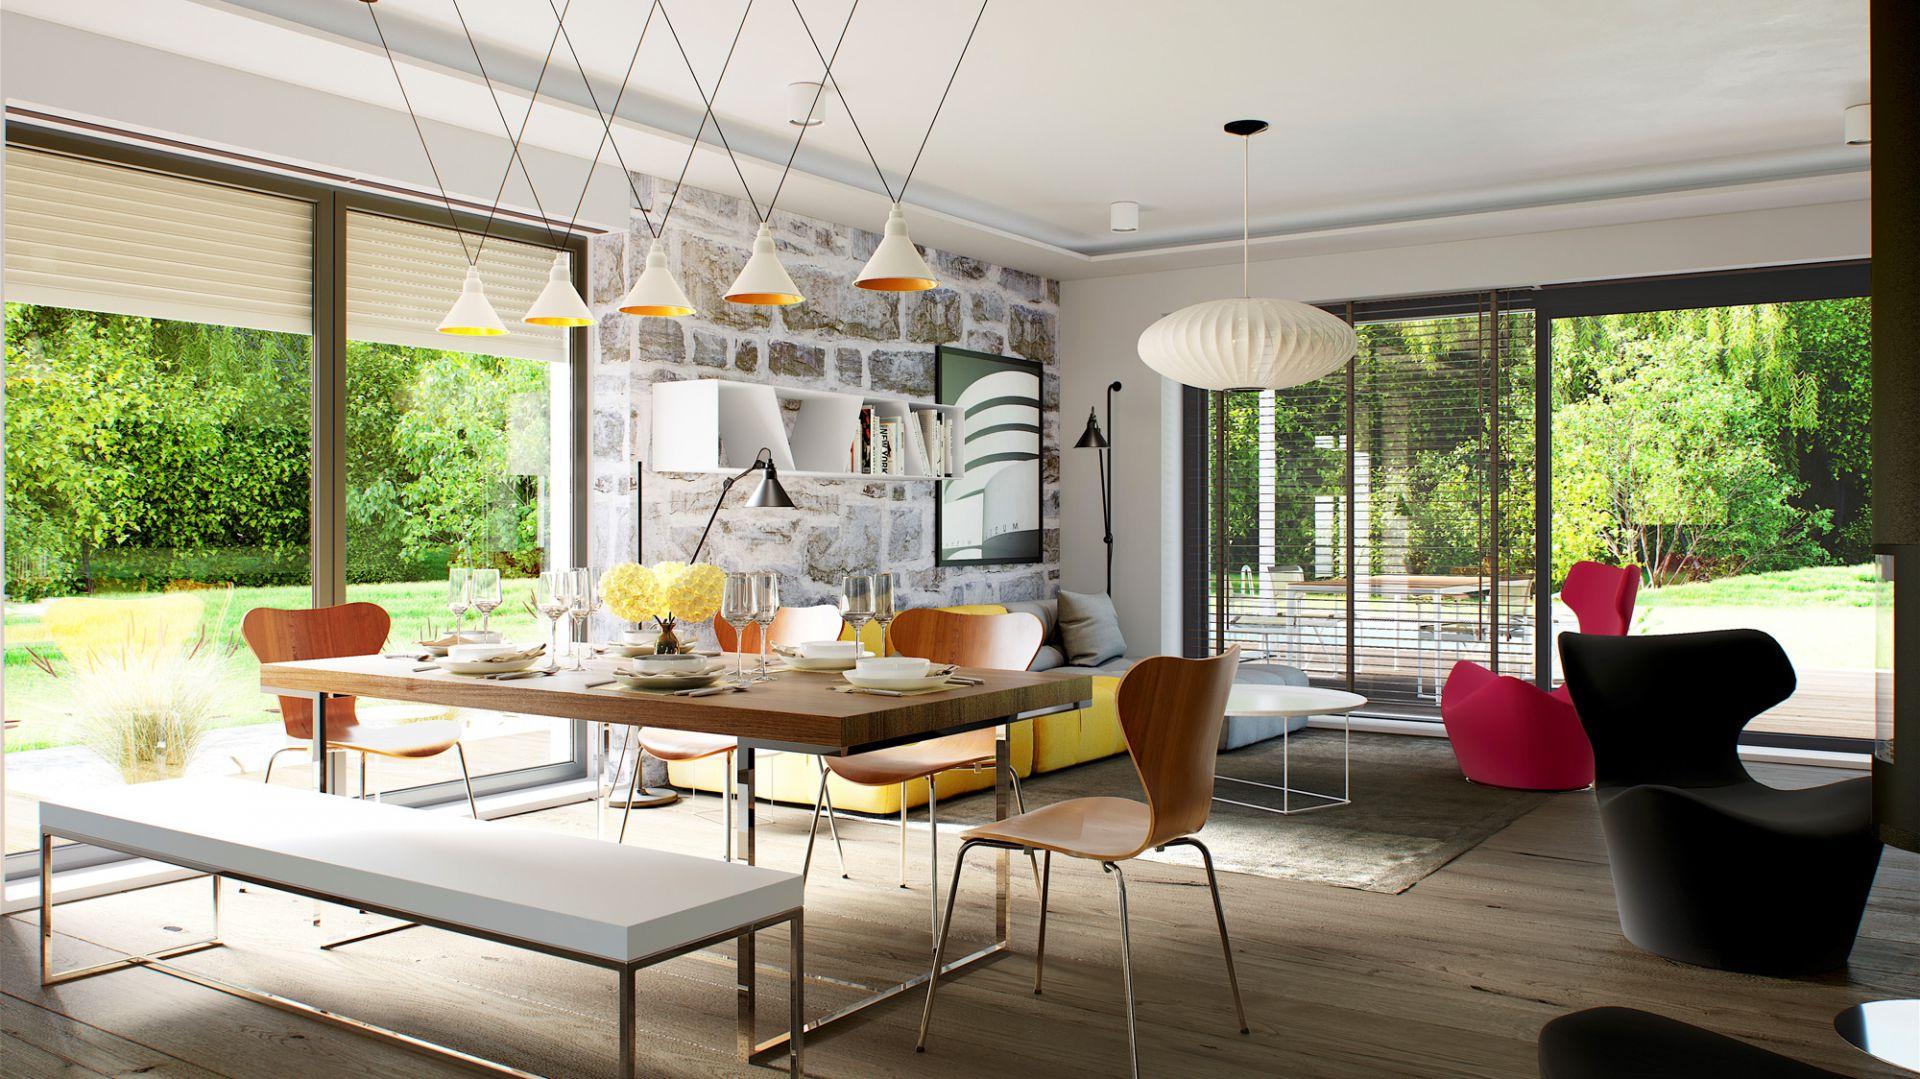 Reprezentacyjny salon połączony z tarasem umożliwia swobodną aranżację i zapewnia pełną harmonię domu z ogrodem. Szerokie przeszklenia zastosowane w projekcie gwarantują doskonałe doświetlenie i wspaniale wzbogacają wnętrze widokiem otaczającego krajobrazu. Dom Sam II G2 Energo Plus. Projekt: arch. Artur Wójciak. Fot. Pracownia Projektowa Archipelag